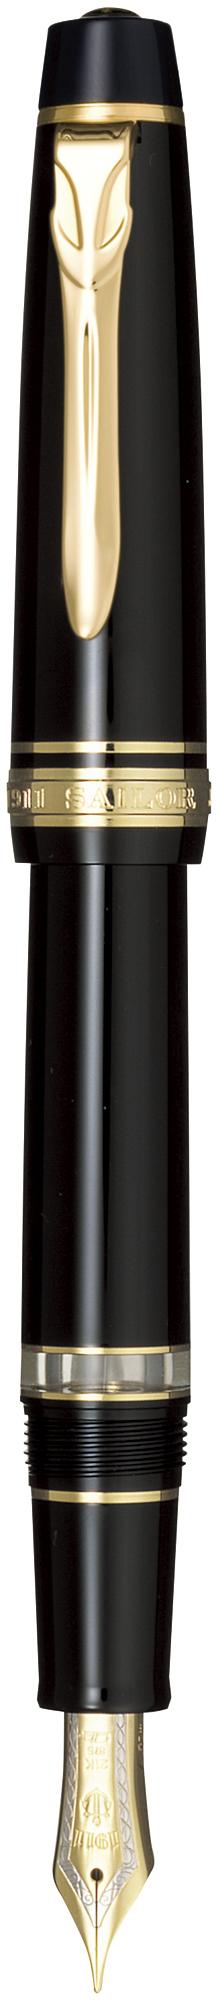 セーラー万年筆 プロフェッショナルギアΣ レアロ ブラック 中字 11-3527-420 プロギア シグマ 初心者 初めての人 尾栓回転吸入式 大人 クリップ 21金バイカラー 大型 24金メッキ ギフト 贈り物 ビジネス フレッシャーズ 社会人